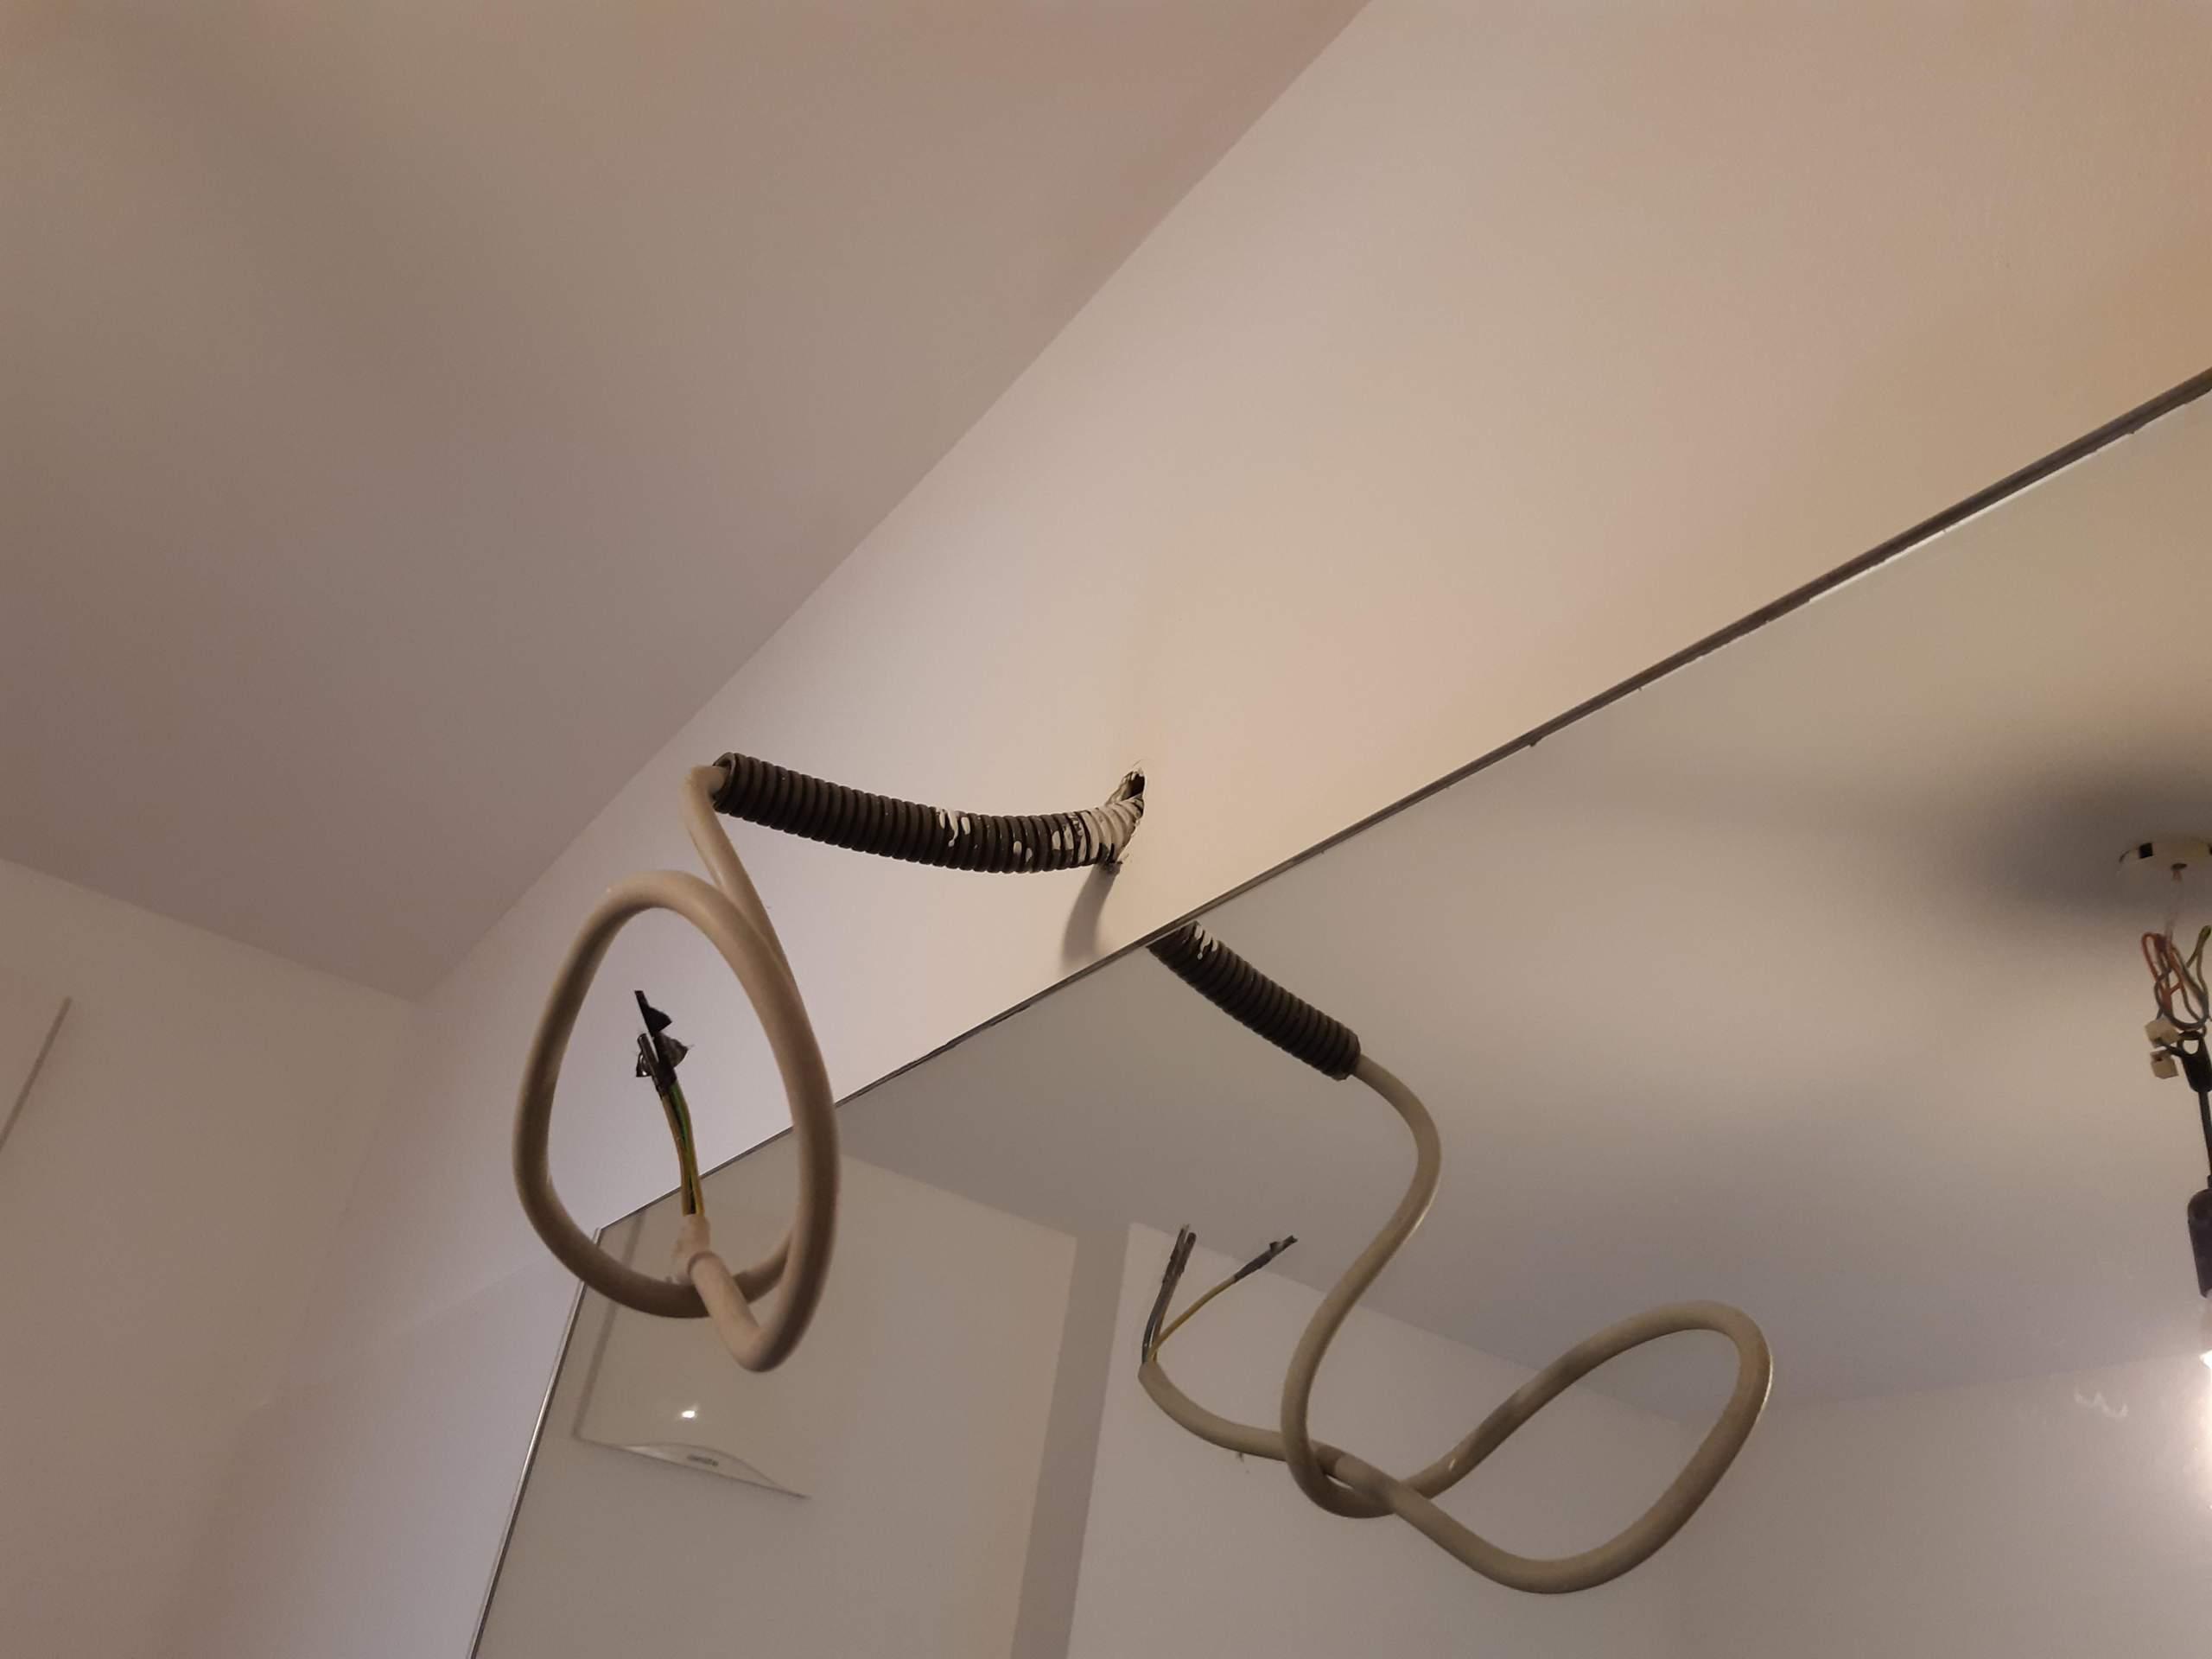 Wie kann ich massive Kabel im Badezimmer verstecken Technik ...